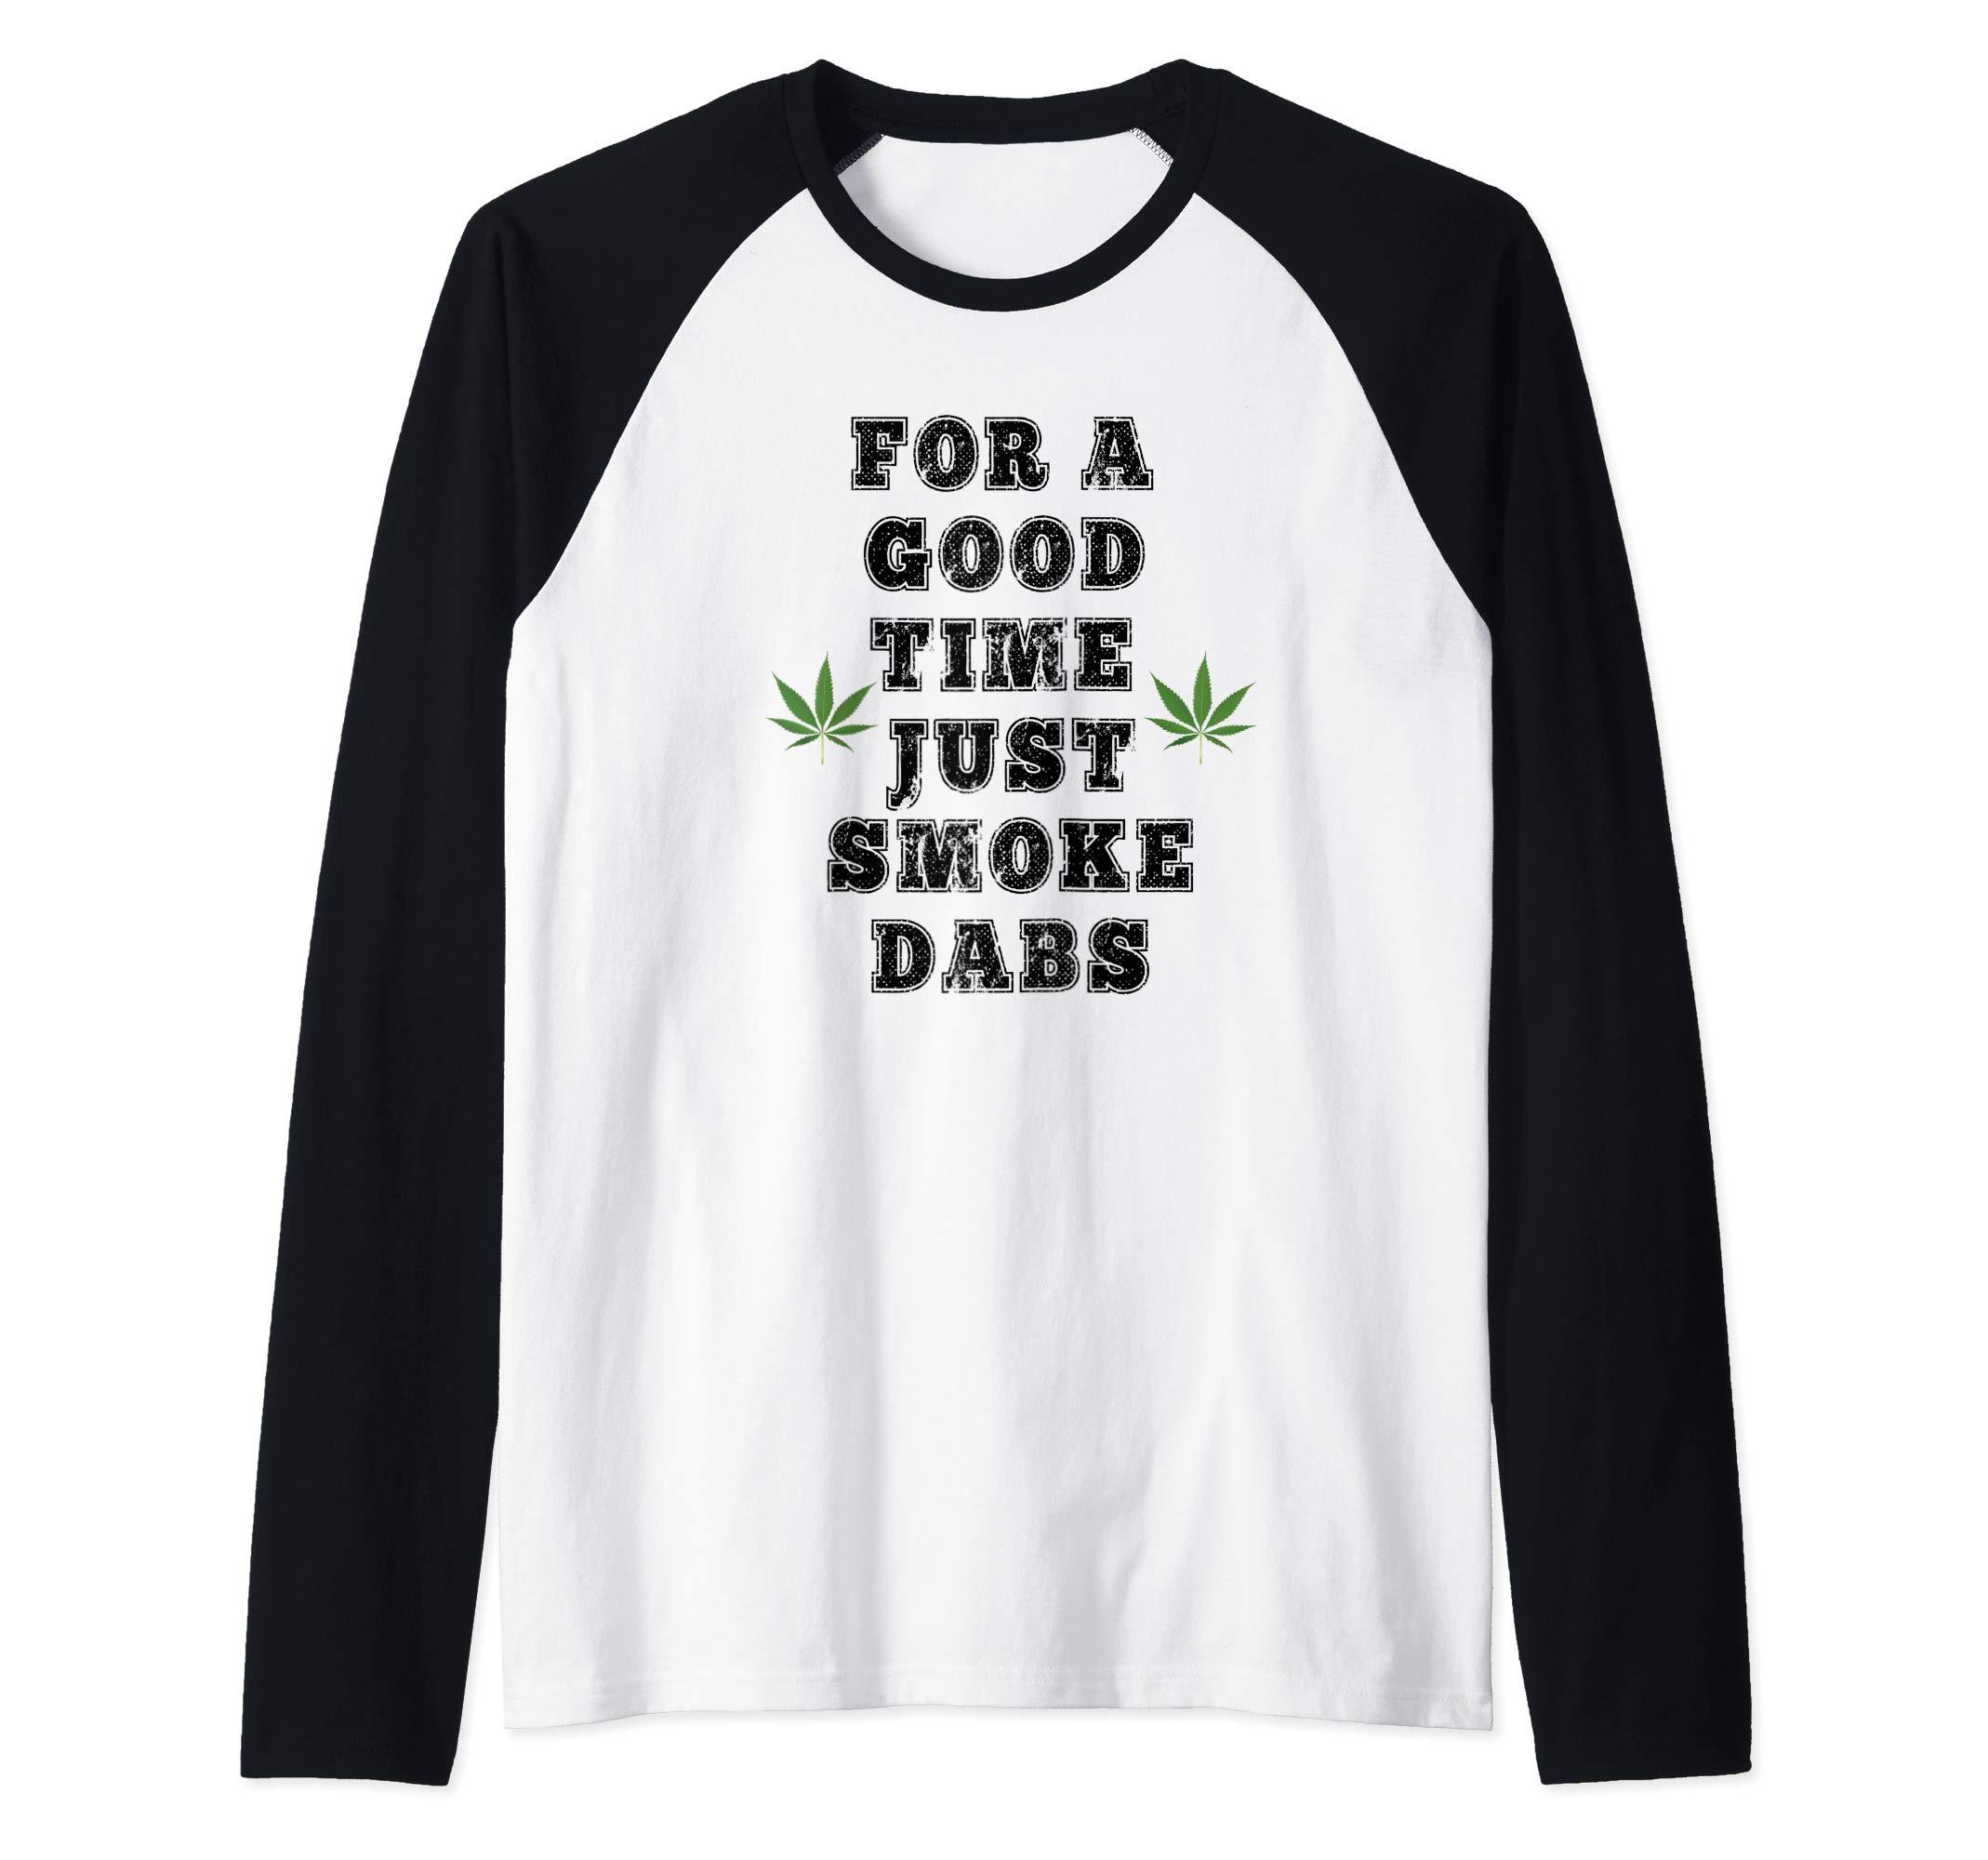 Marijuana Cannabis Hemp Weed CBD 420 Dank Raglan Baseball Tee